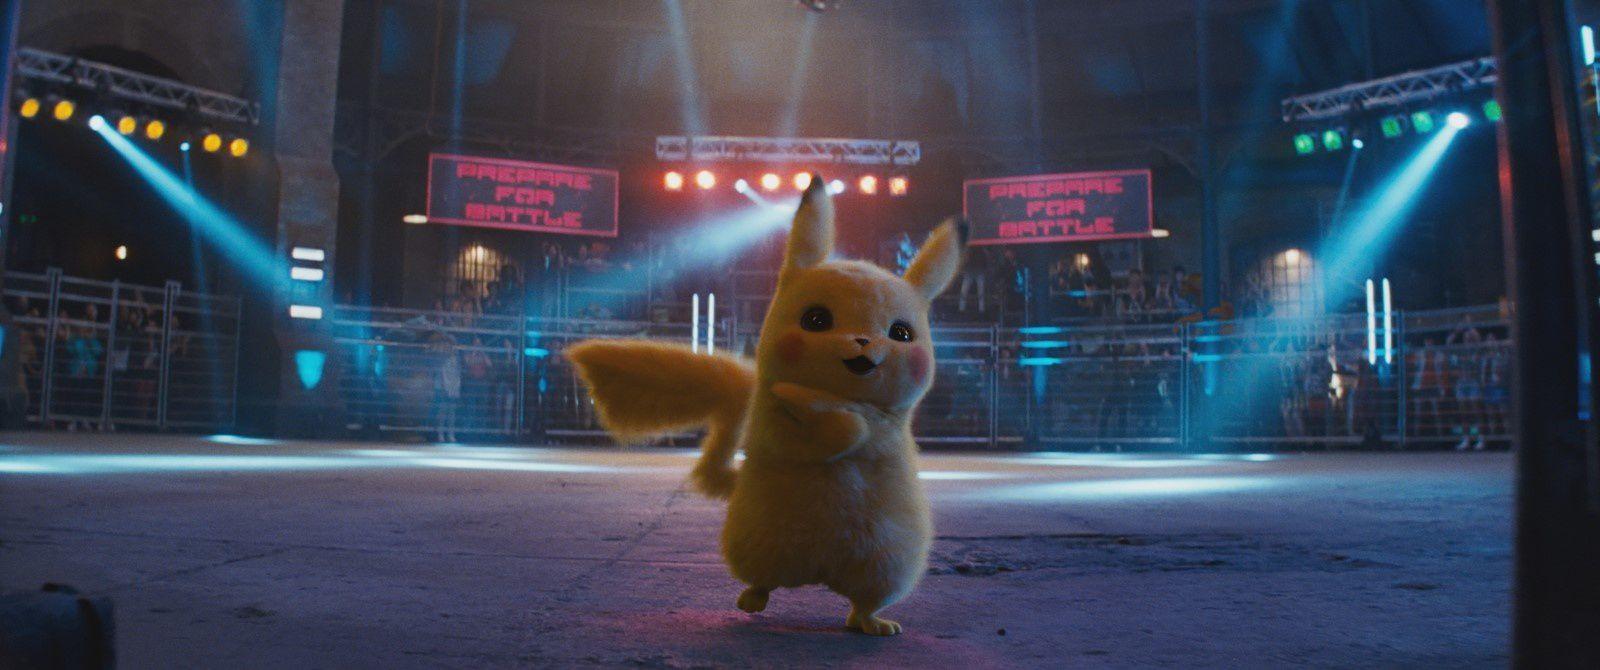 Pokémon : Detective Pikachu (BANDE-ANNONCE : Casting) de Rob Letterman - Le 8 mai 2019 au cinéma